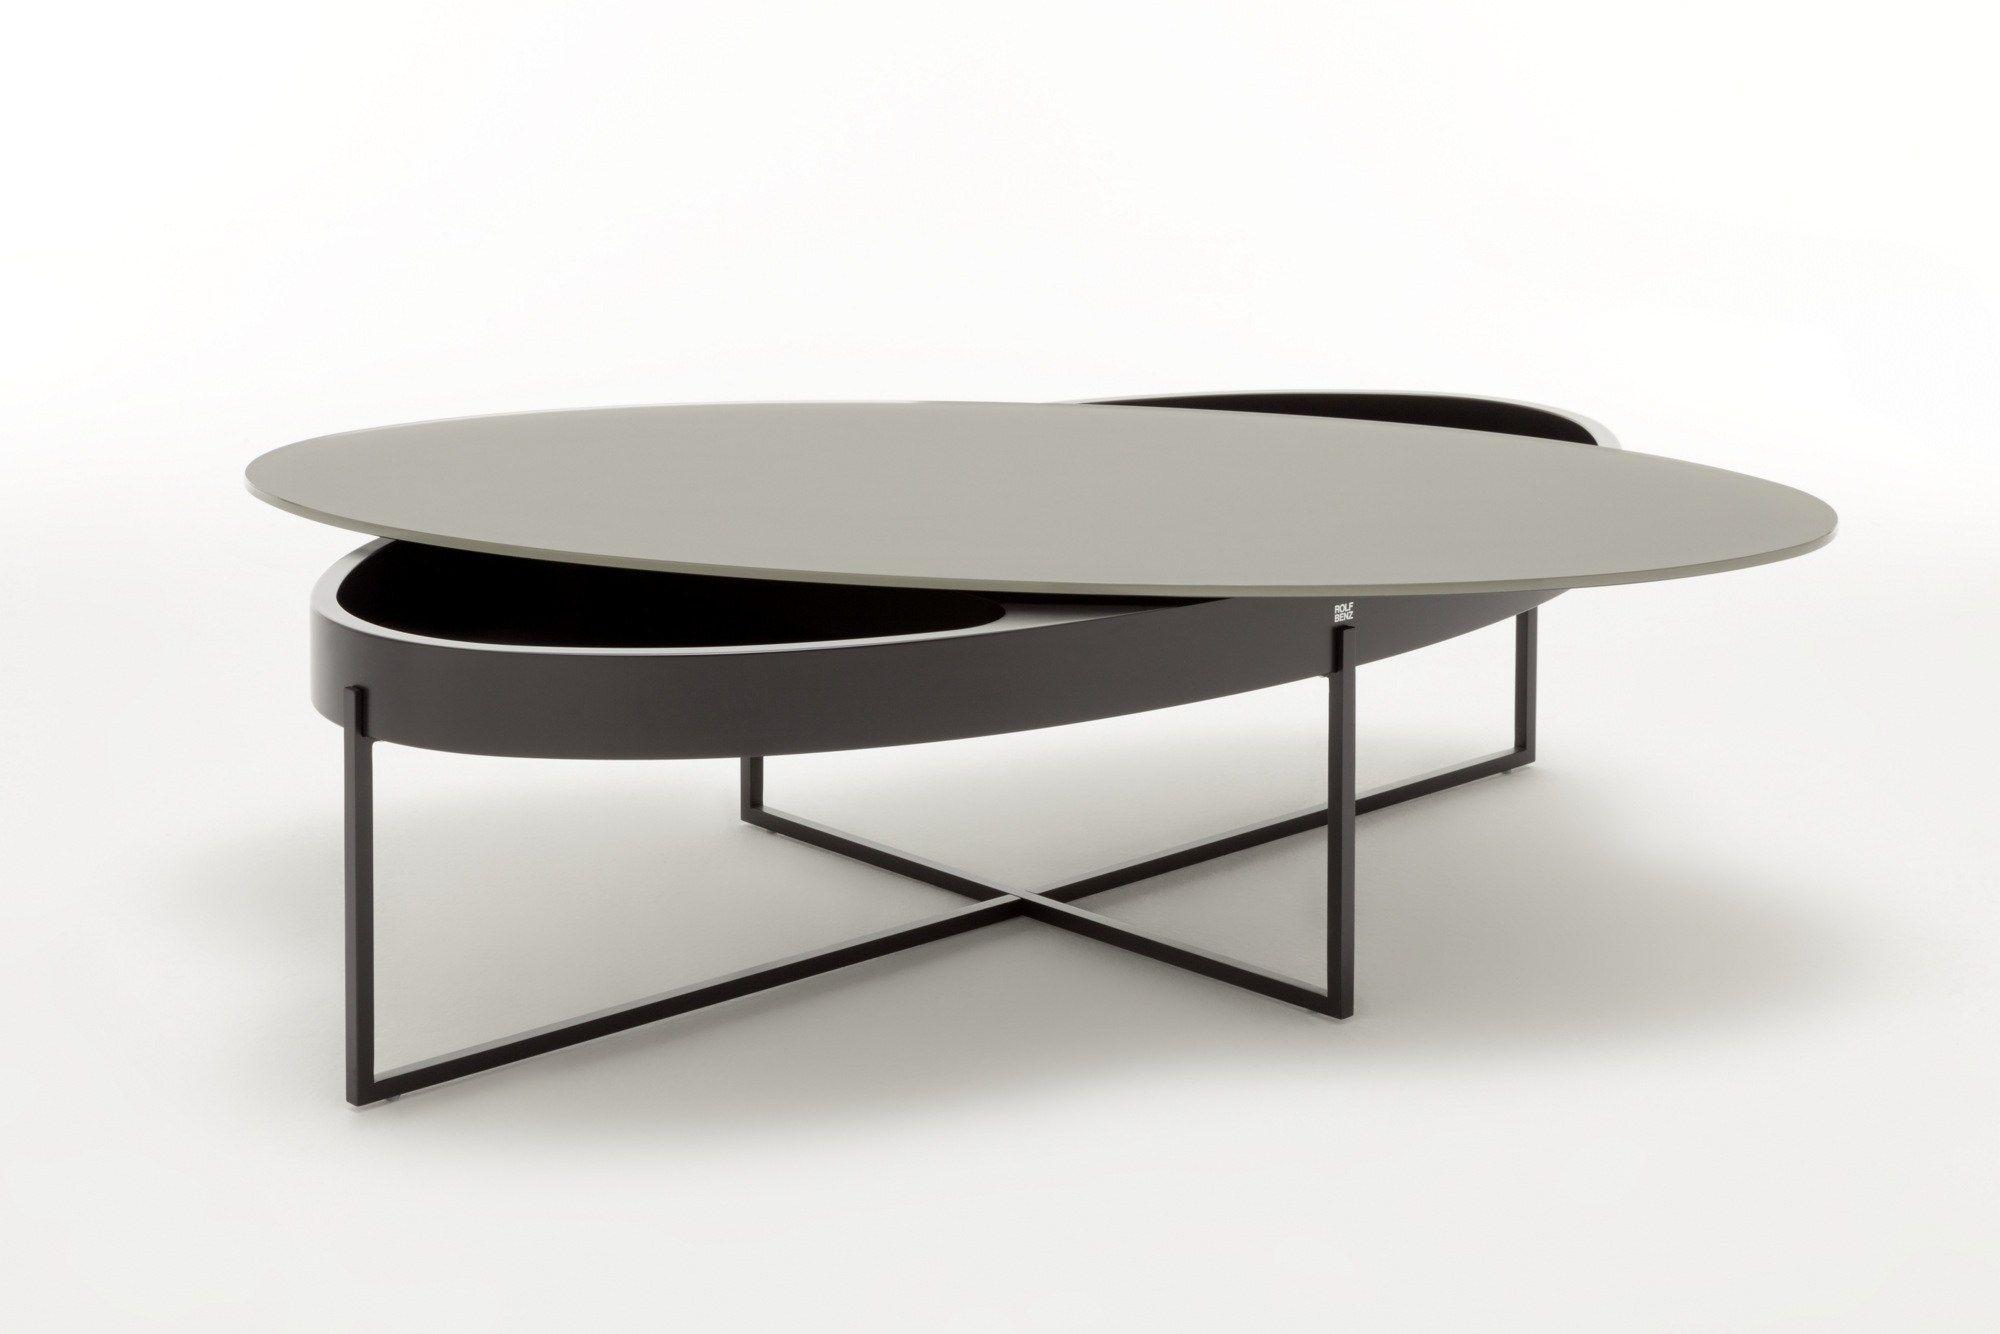 couchtisch mit aufbewahrung energiemakeovernop. Black Bedroom Furniture Sets. Home Design Ideas